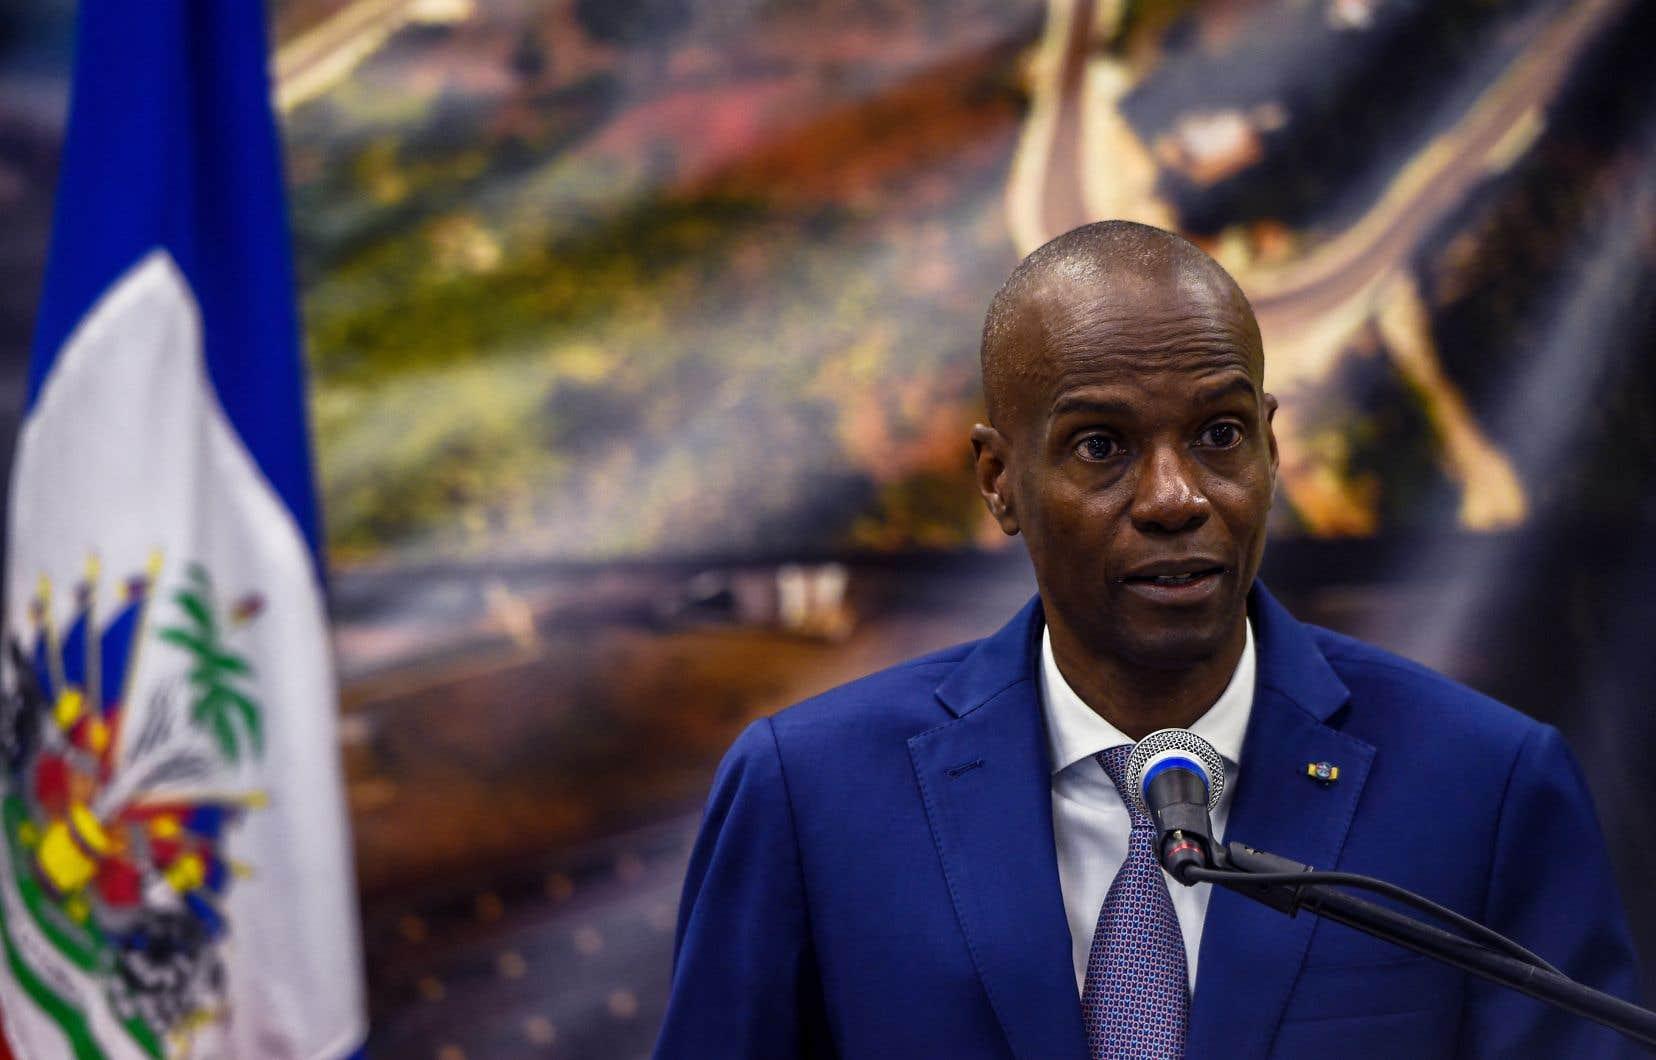 Le président haïtien, Jovenel Moïse, a précisé que ce changement visait à s'attaquer au problème aigu de l'insécurité dans le pays en crise.